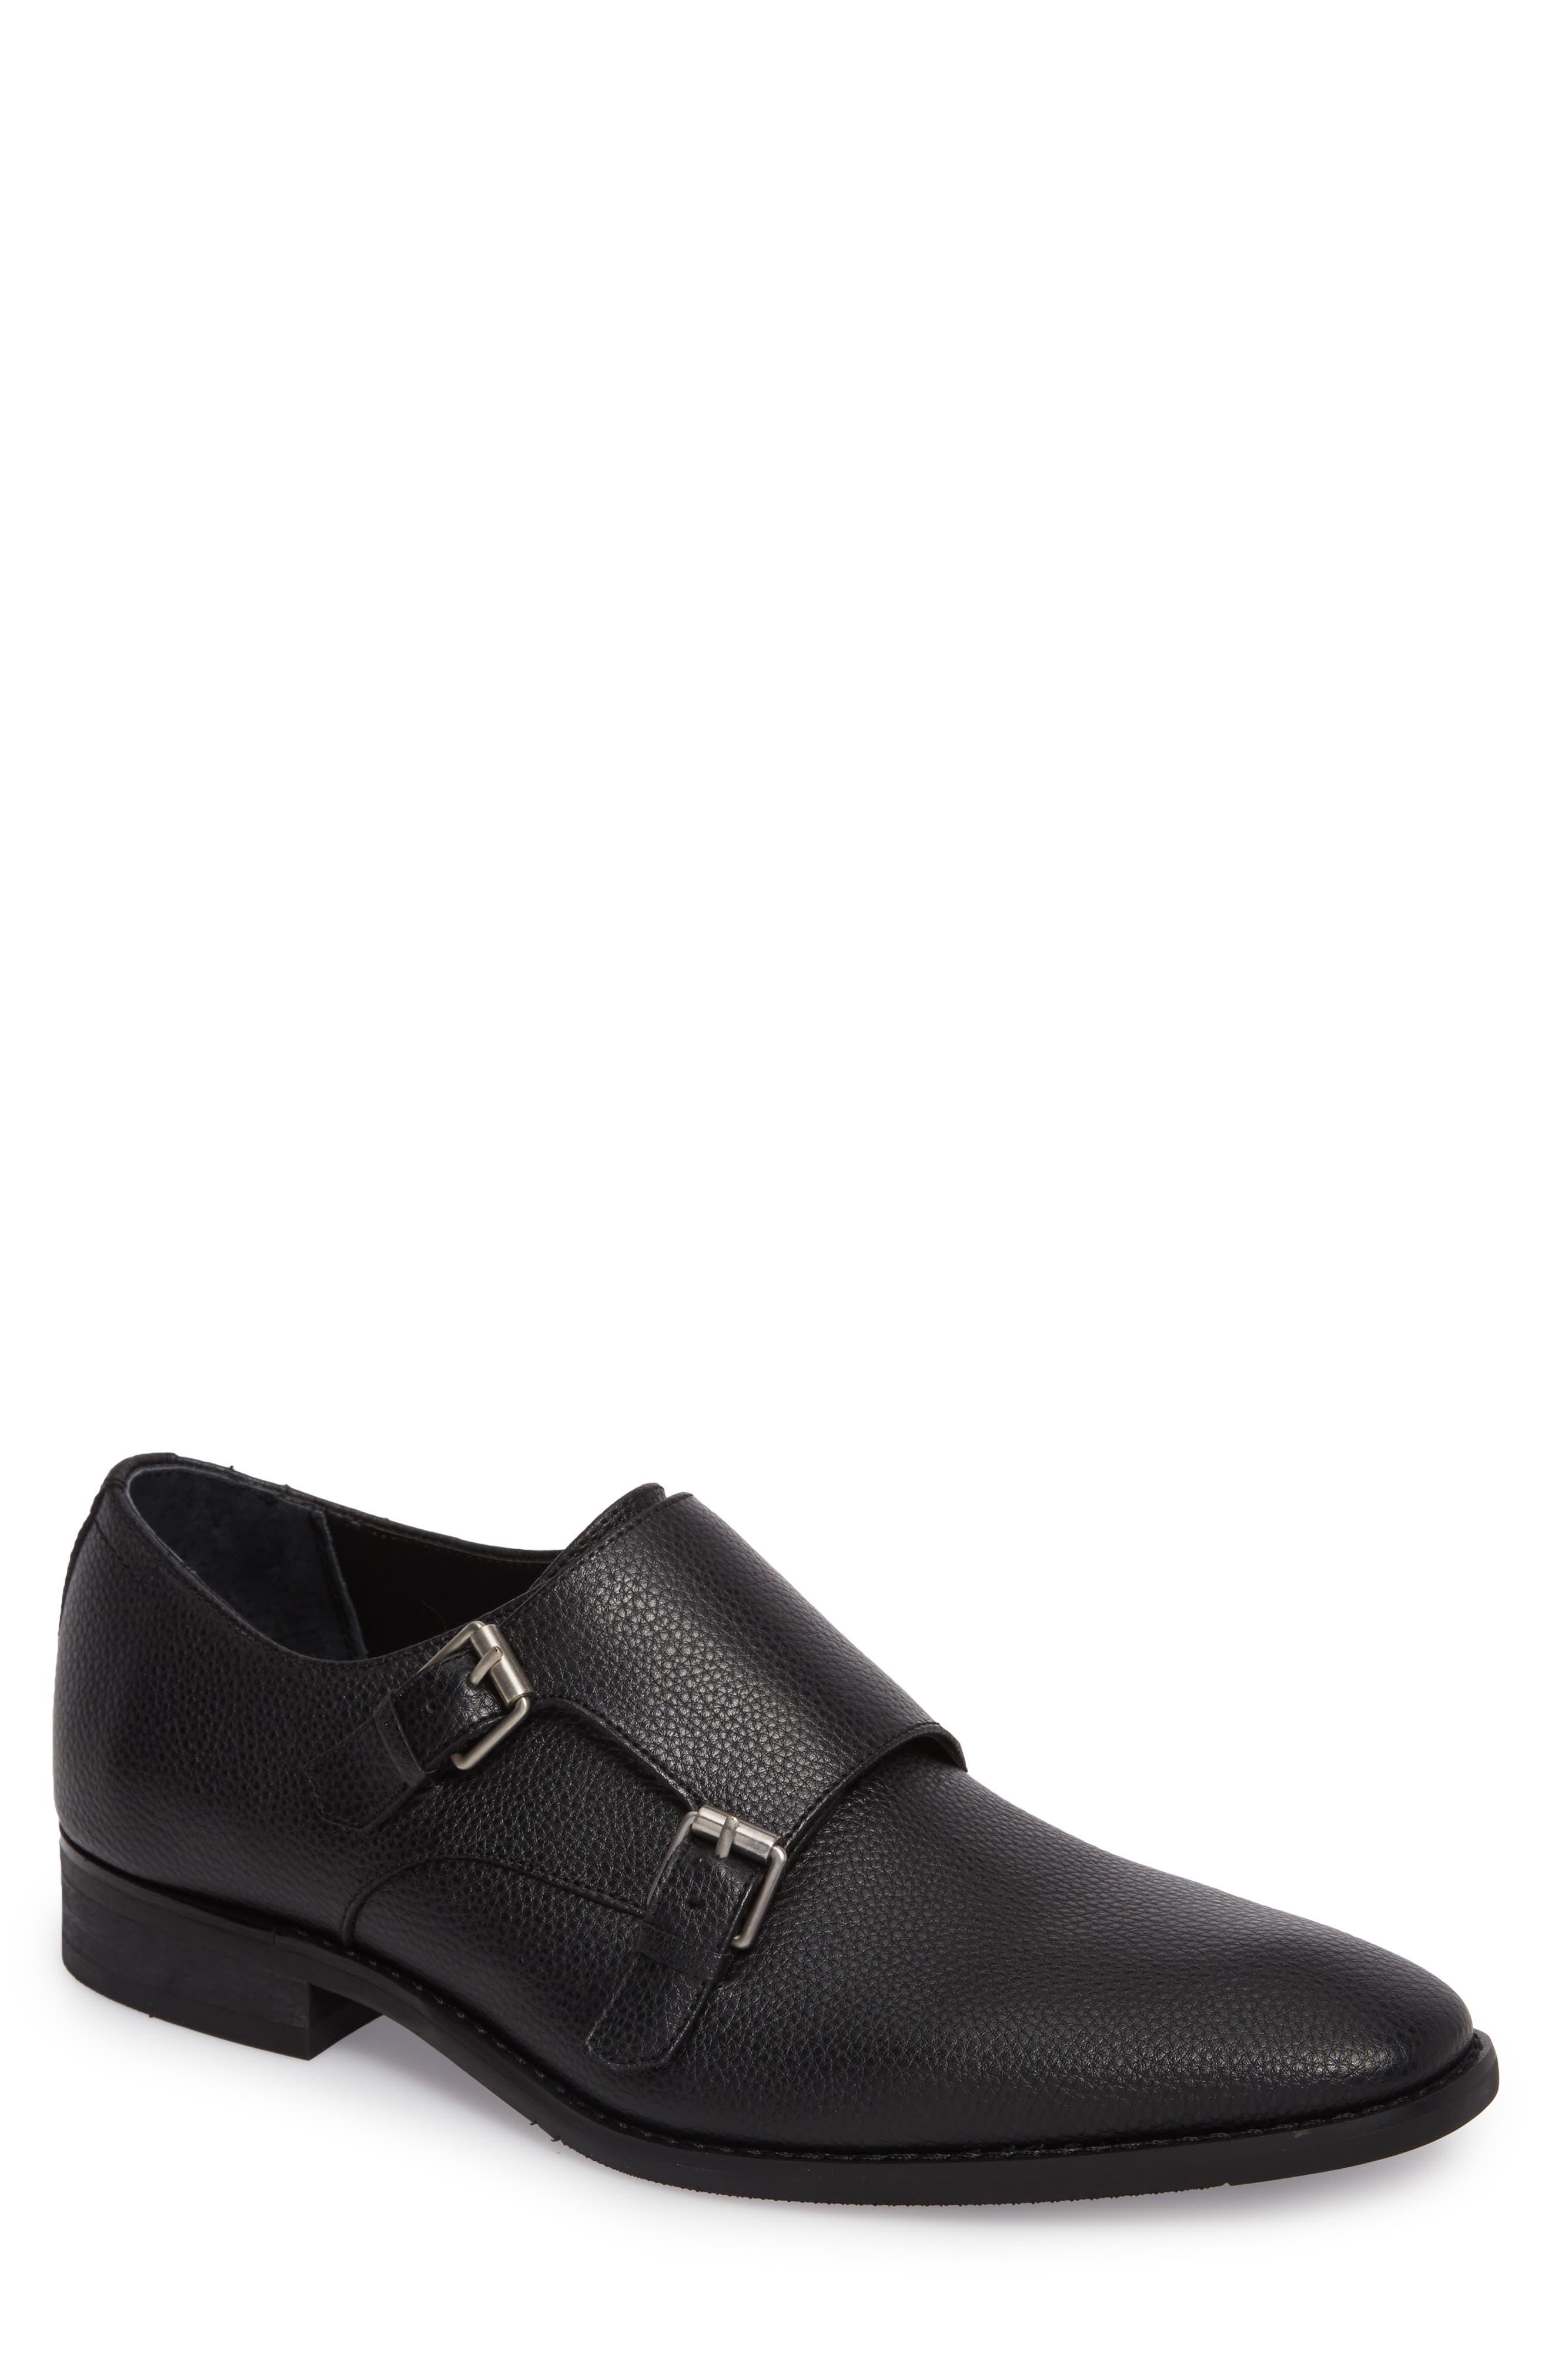 Robbie Double Monk Strap Shoe,                             Main thumbnail 1, color,                             Black Leather